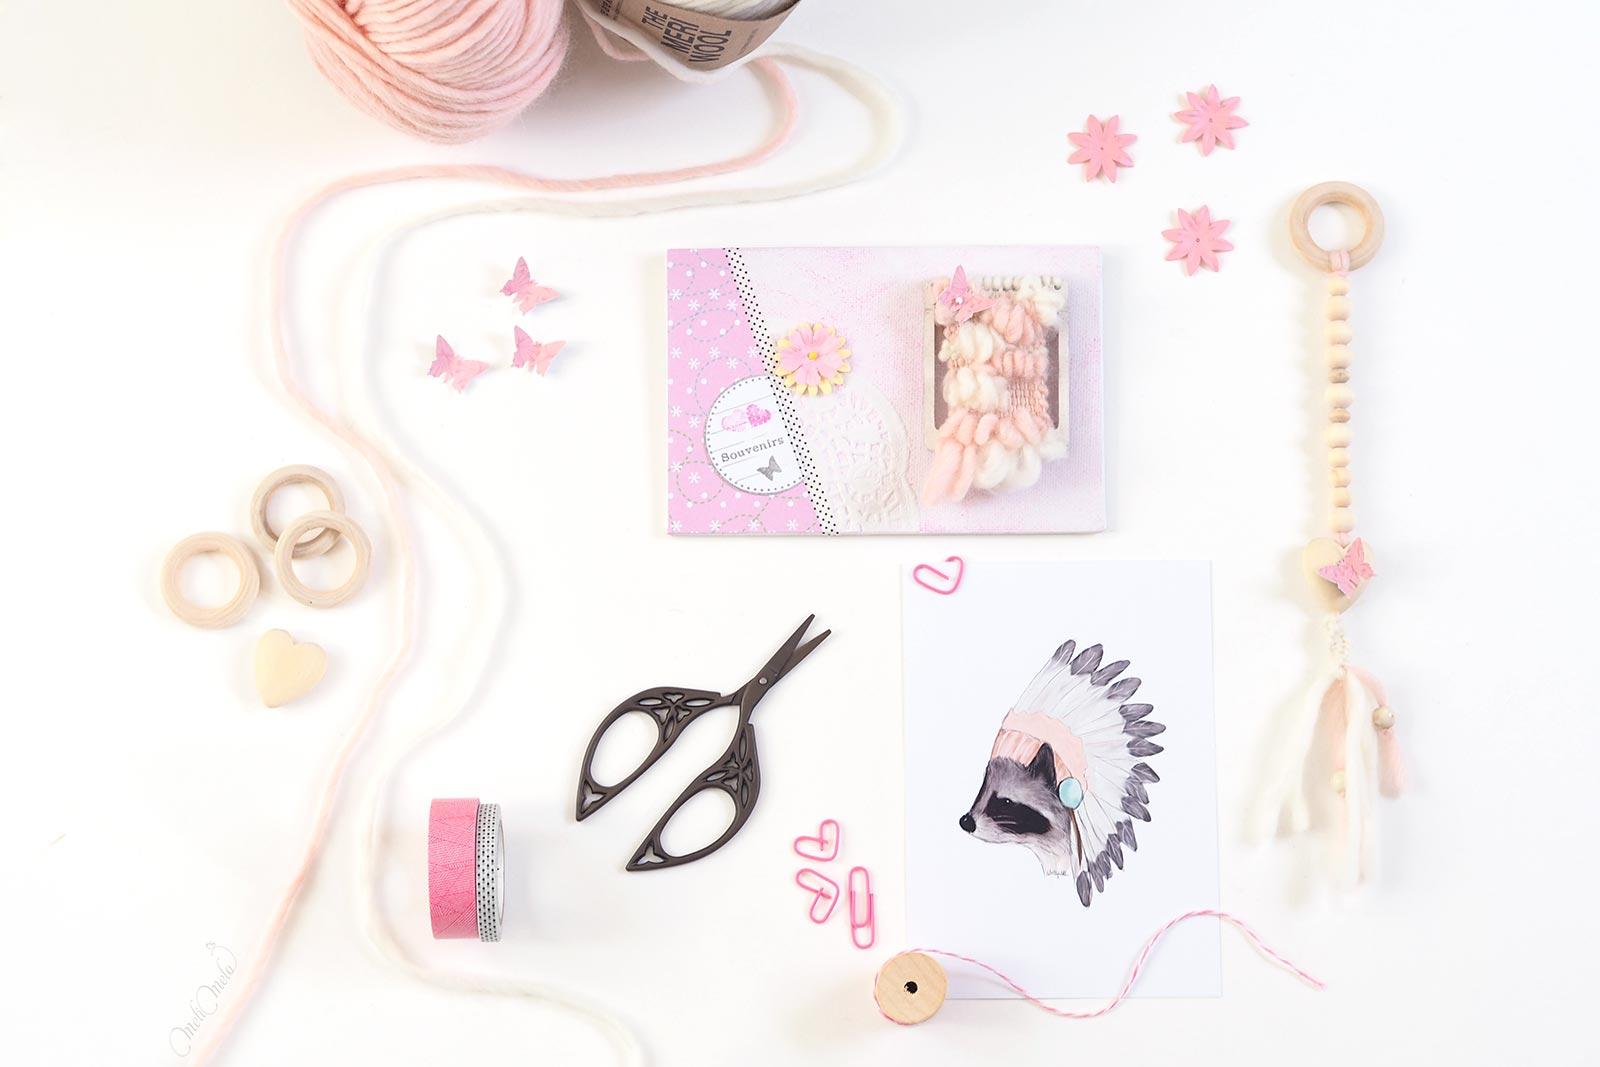 happymail amour rose mini tissage grigri portebonheur crafts scrapbooking correspondance laboutiquedemelimelo